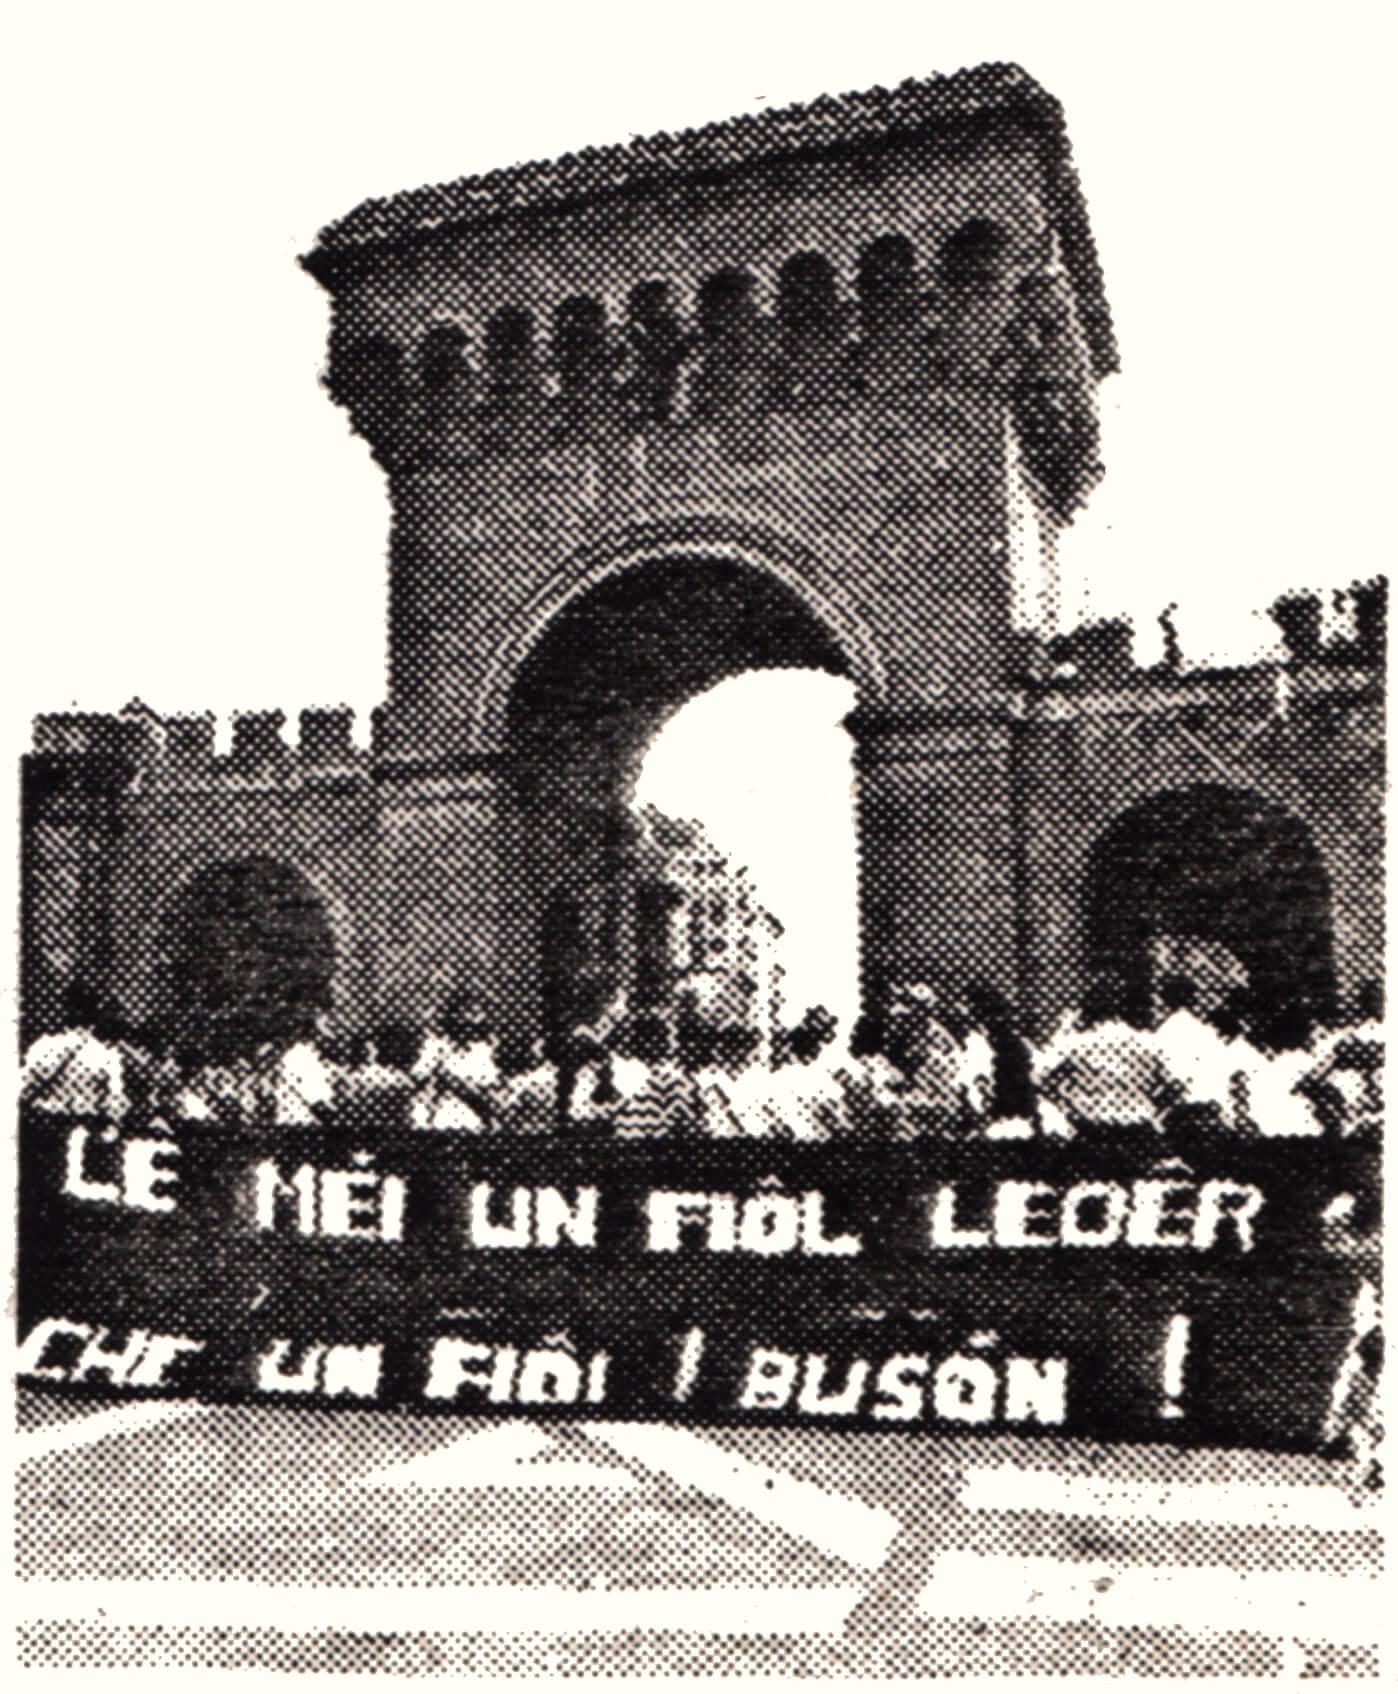 """""""L'è mei un fiol leder che un fiol buson"""", in bolognese; """"È meglio un figlio ladro che un figlio busone"""" (gay). Così recitava un ironico striscione nel corso di una manifestazione per la conquista del Cassero di Bologna."""